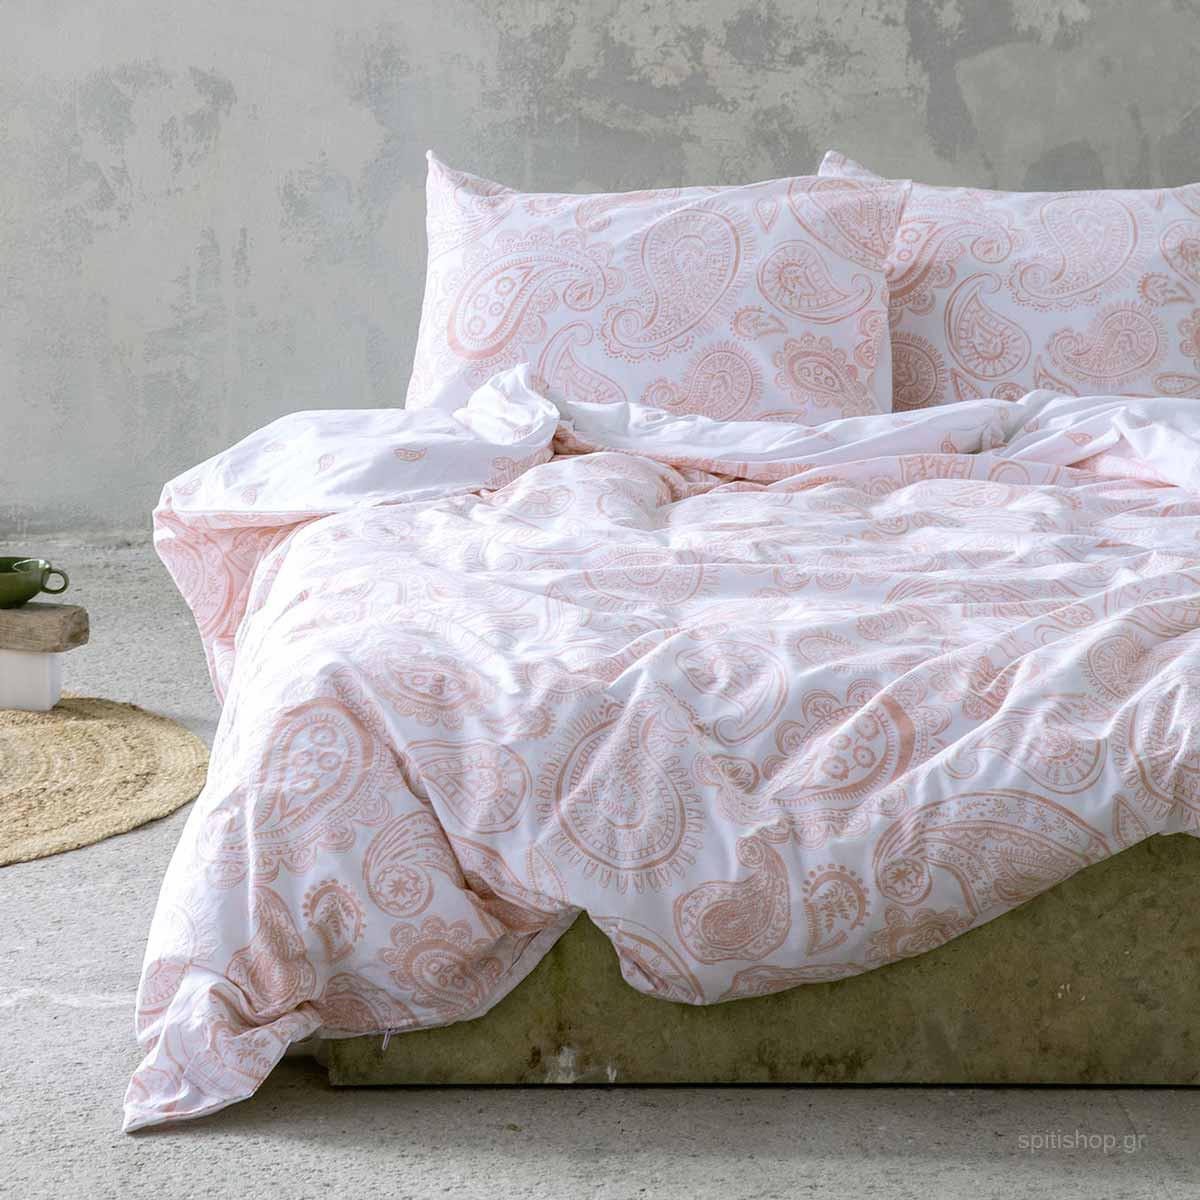 Σεντόνια Διπλά (Σετ) Nima Bed Linen Aditti Pink